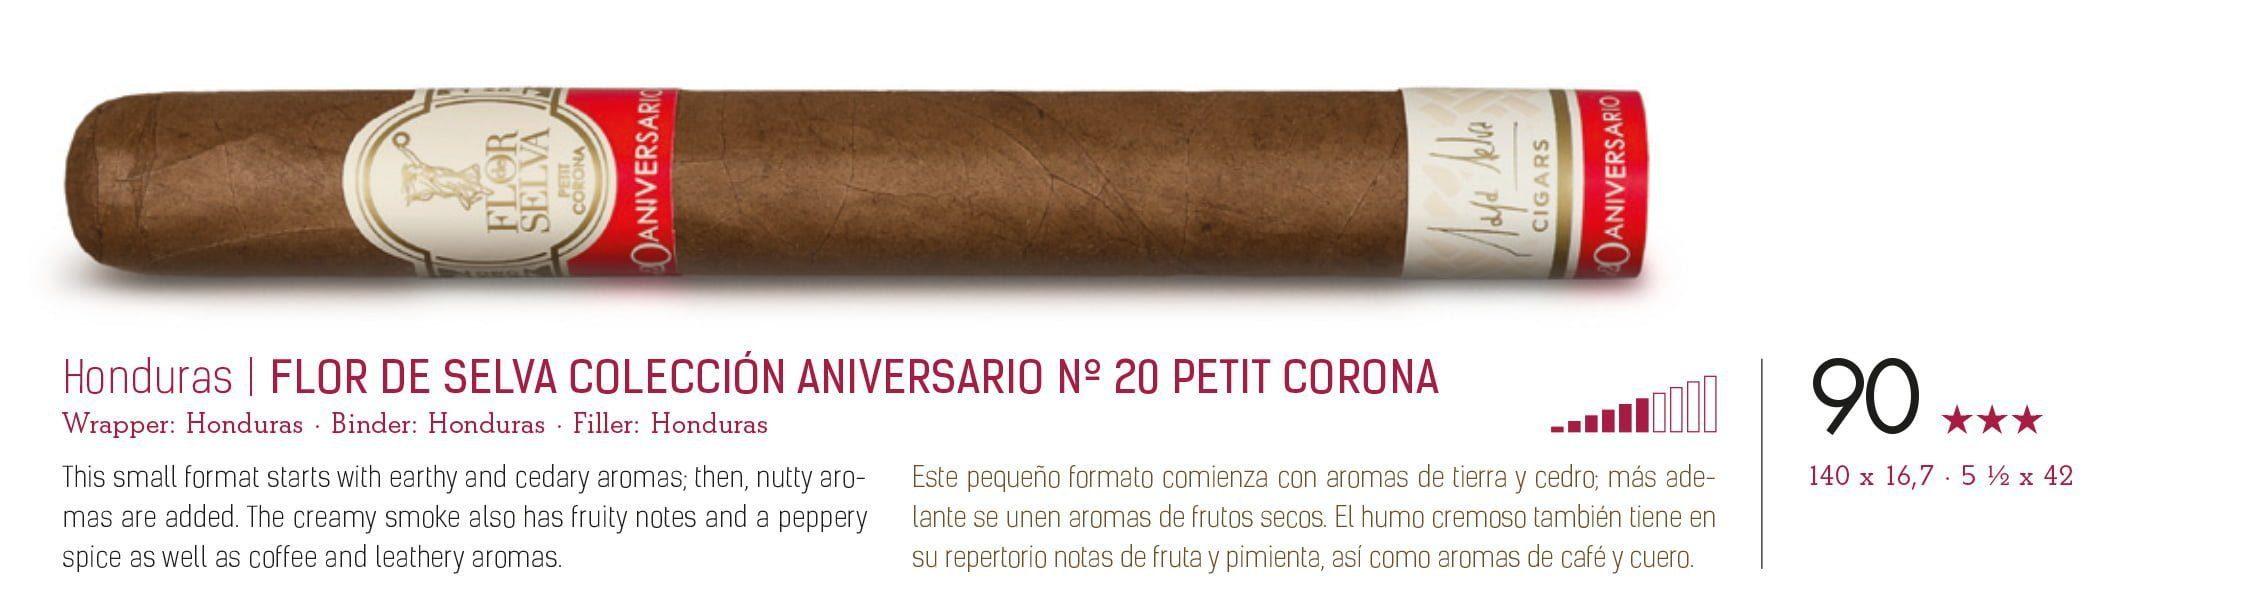 Flor de Selva Coleccion Aniversario No20 Petit-Corona